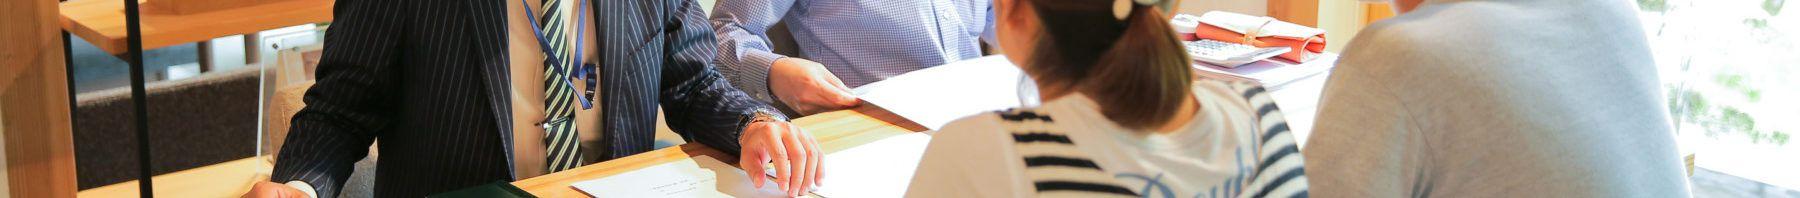 スタッフ | 山口市(山口県) 木の家づくり 木造住宅 注文住宅 工務店 | 株式会社トピア